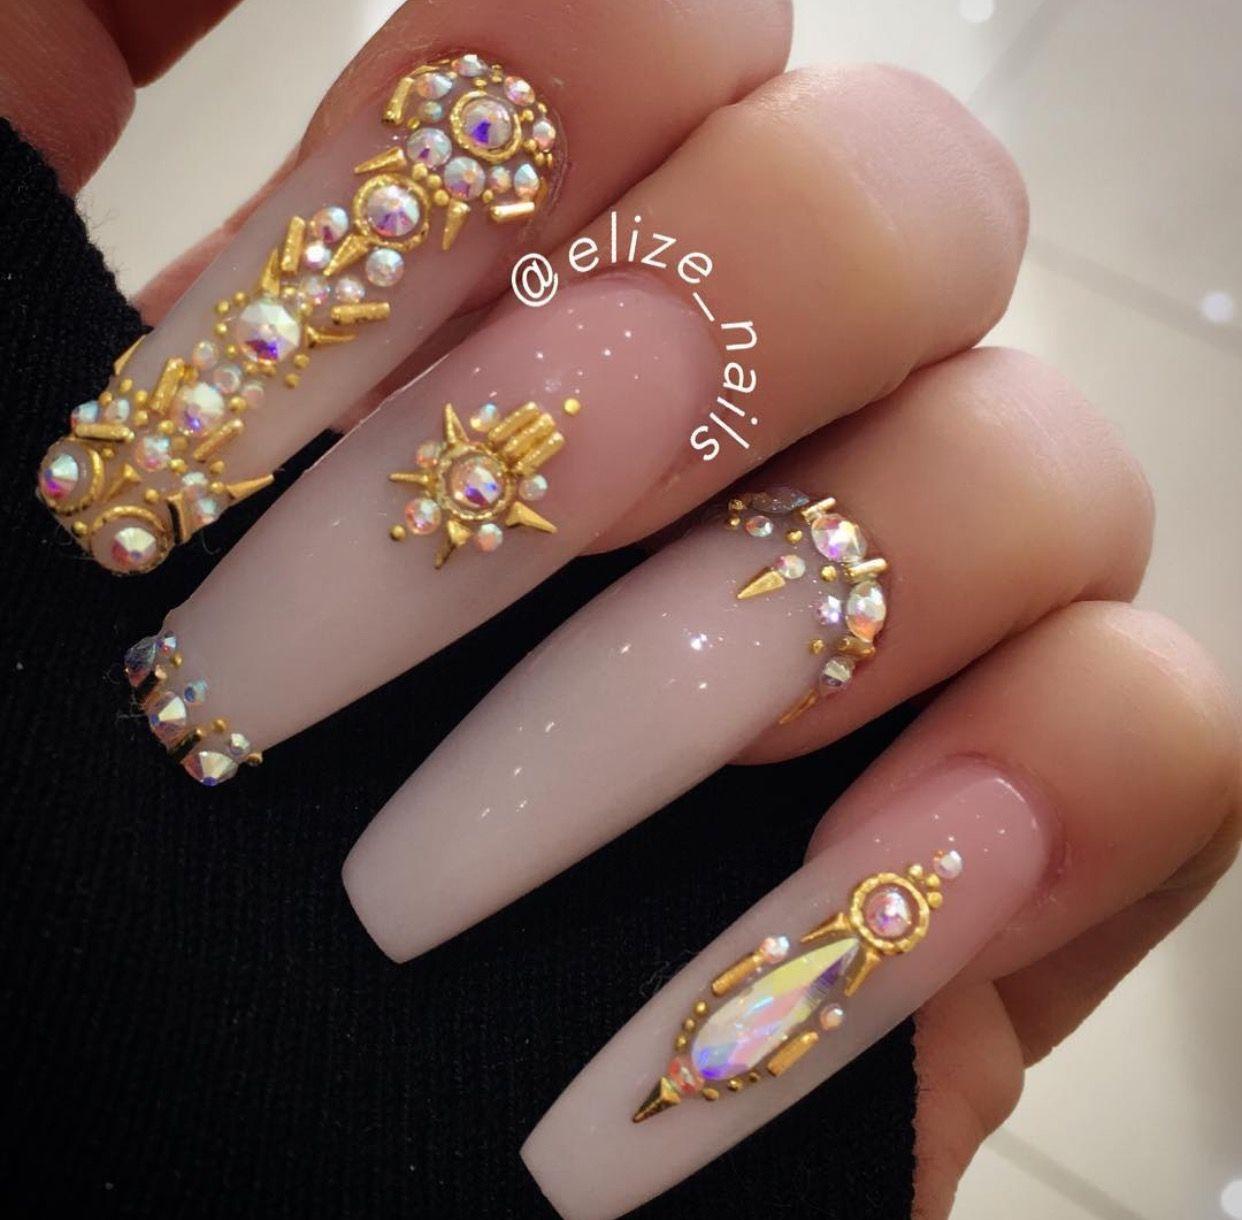 Pin by Yamilet Cruz on Nails | Pinterest | Nail inspo, Nails ...